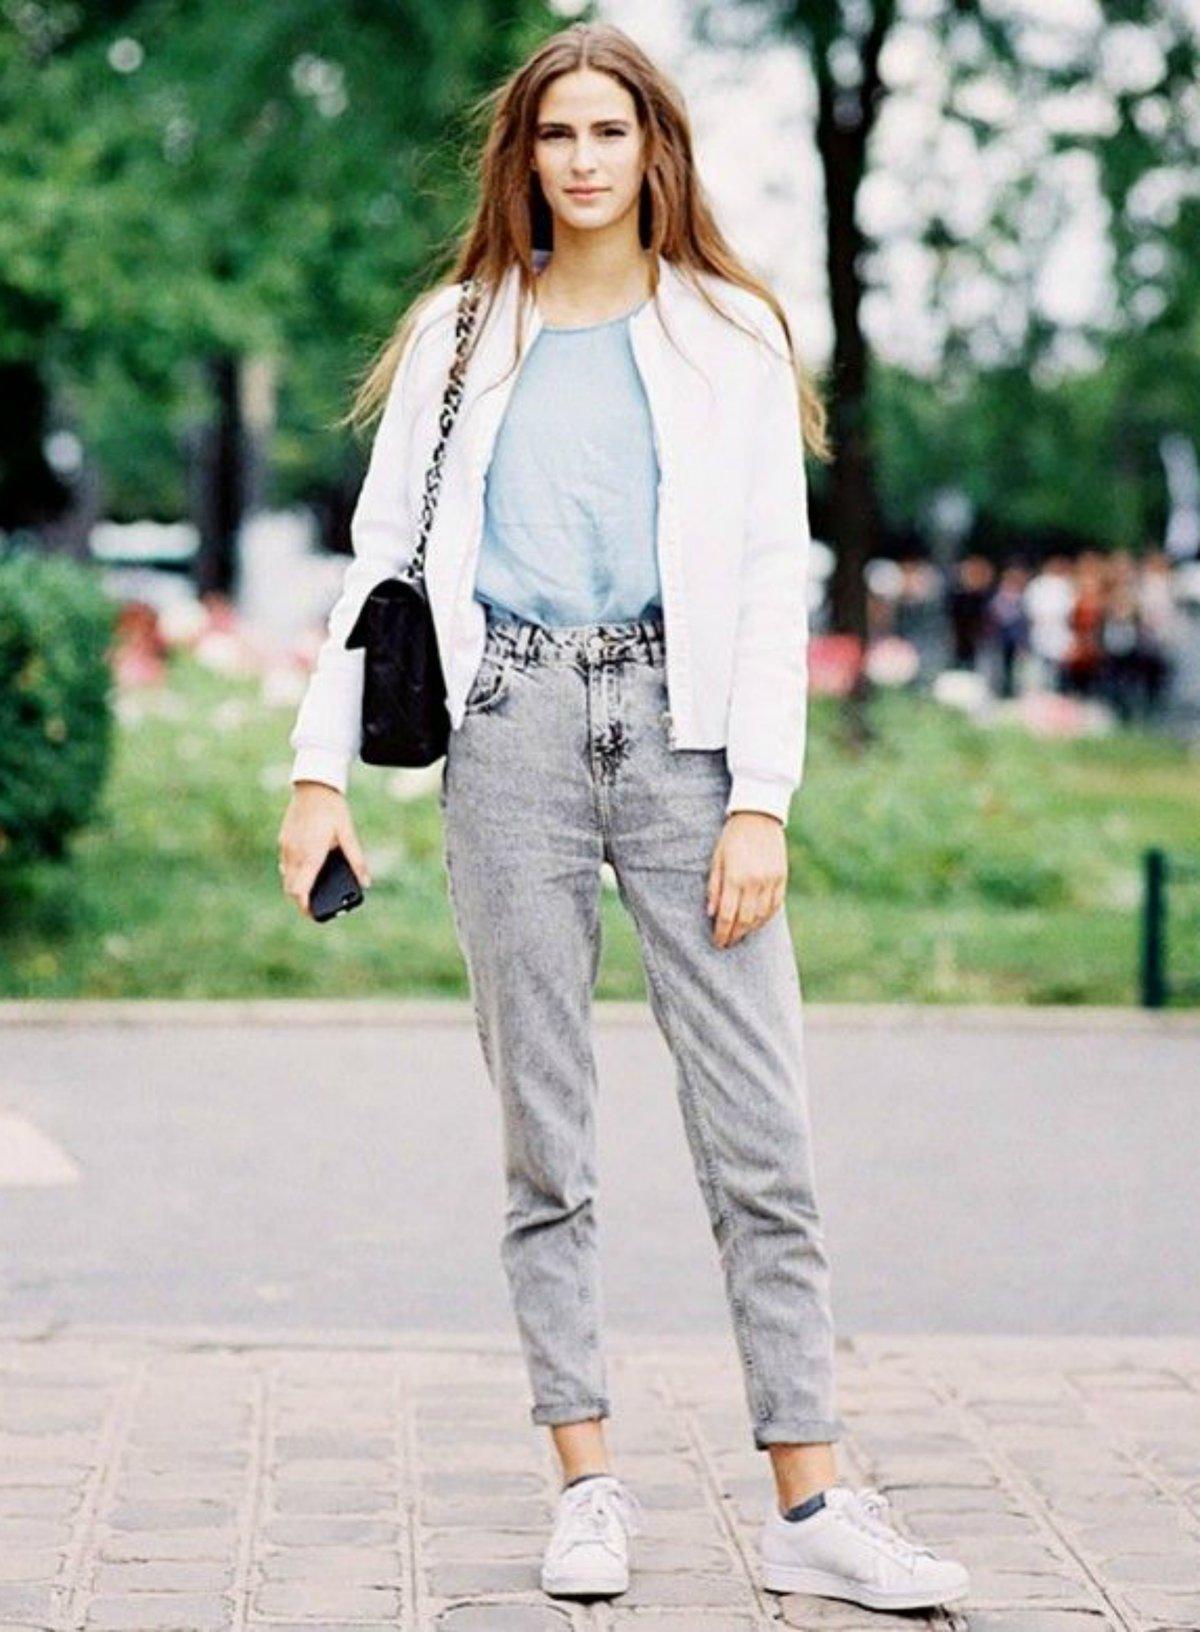 Женские льняные брюки – необходимый атрибут летнего гардероба